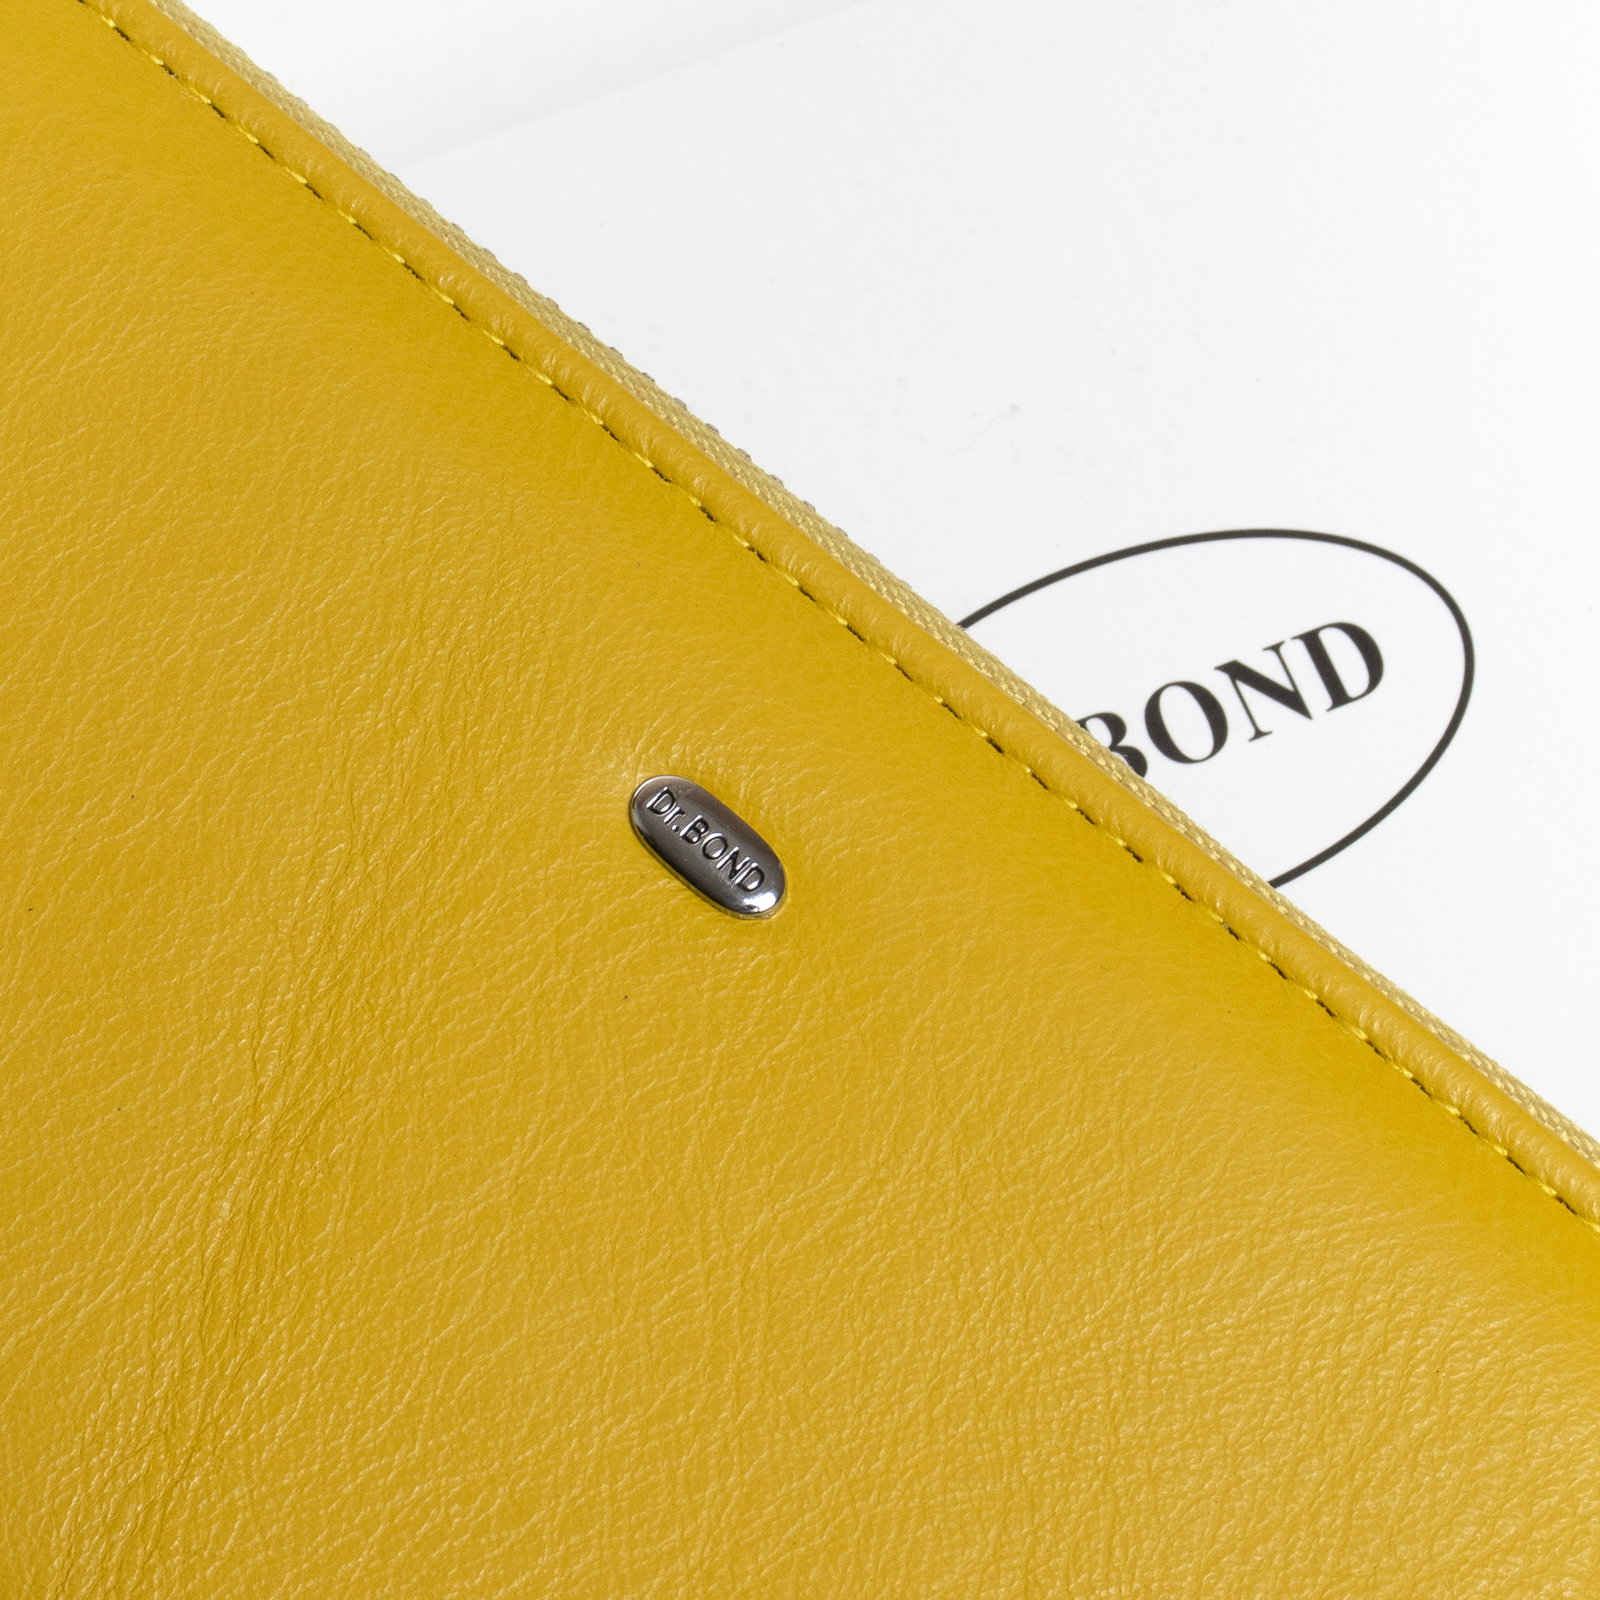 Кошелек Classic кожа DR. BOND W39-3 yellow - фото 3